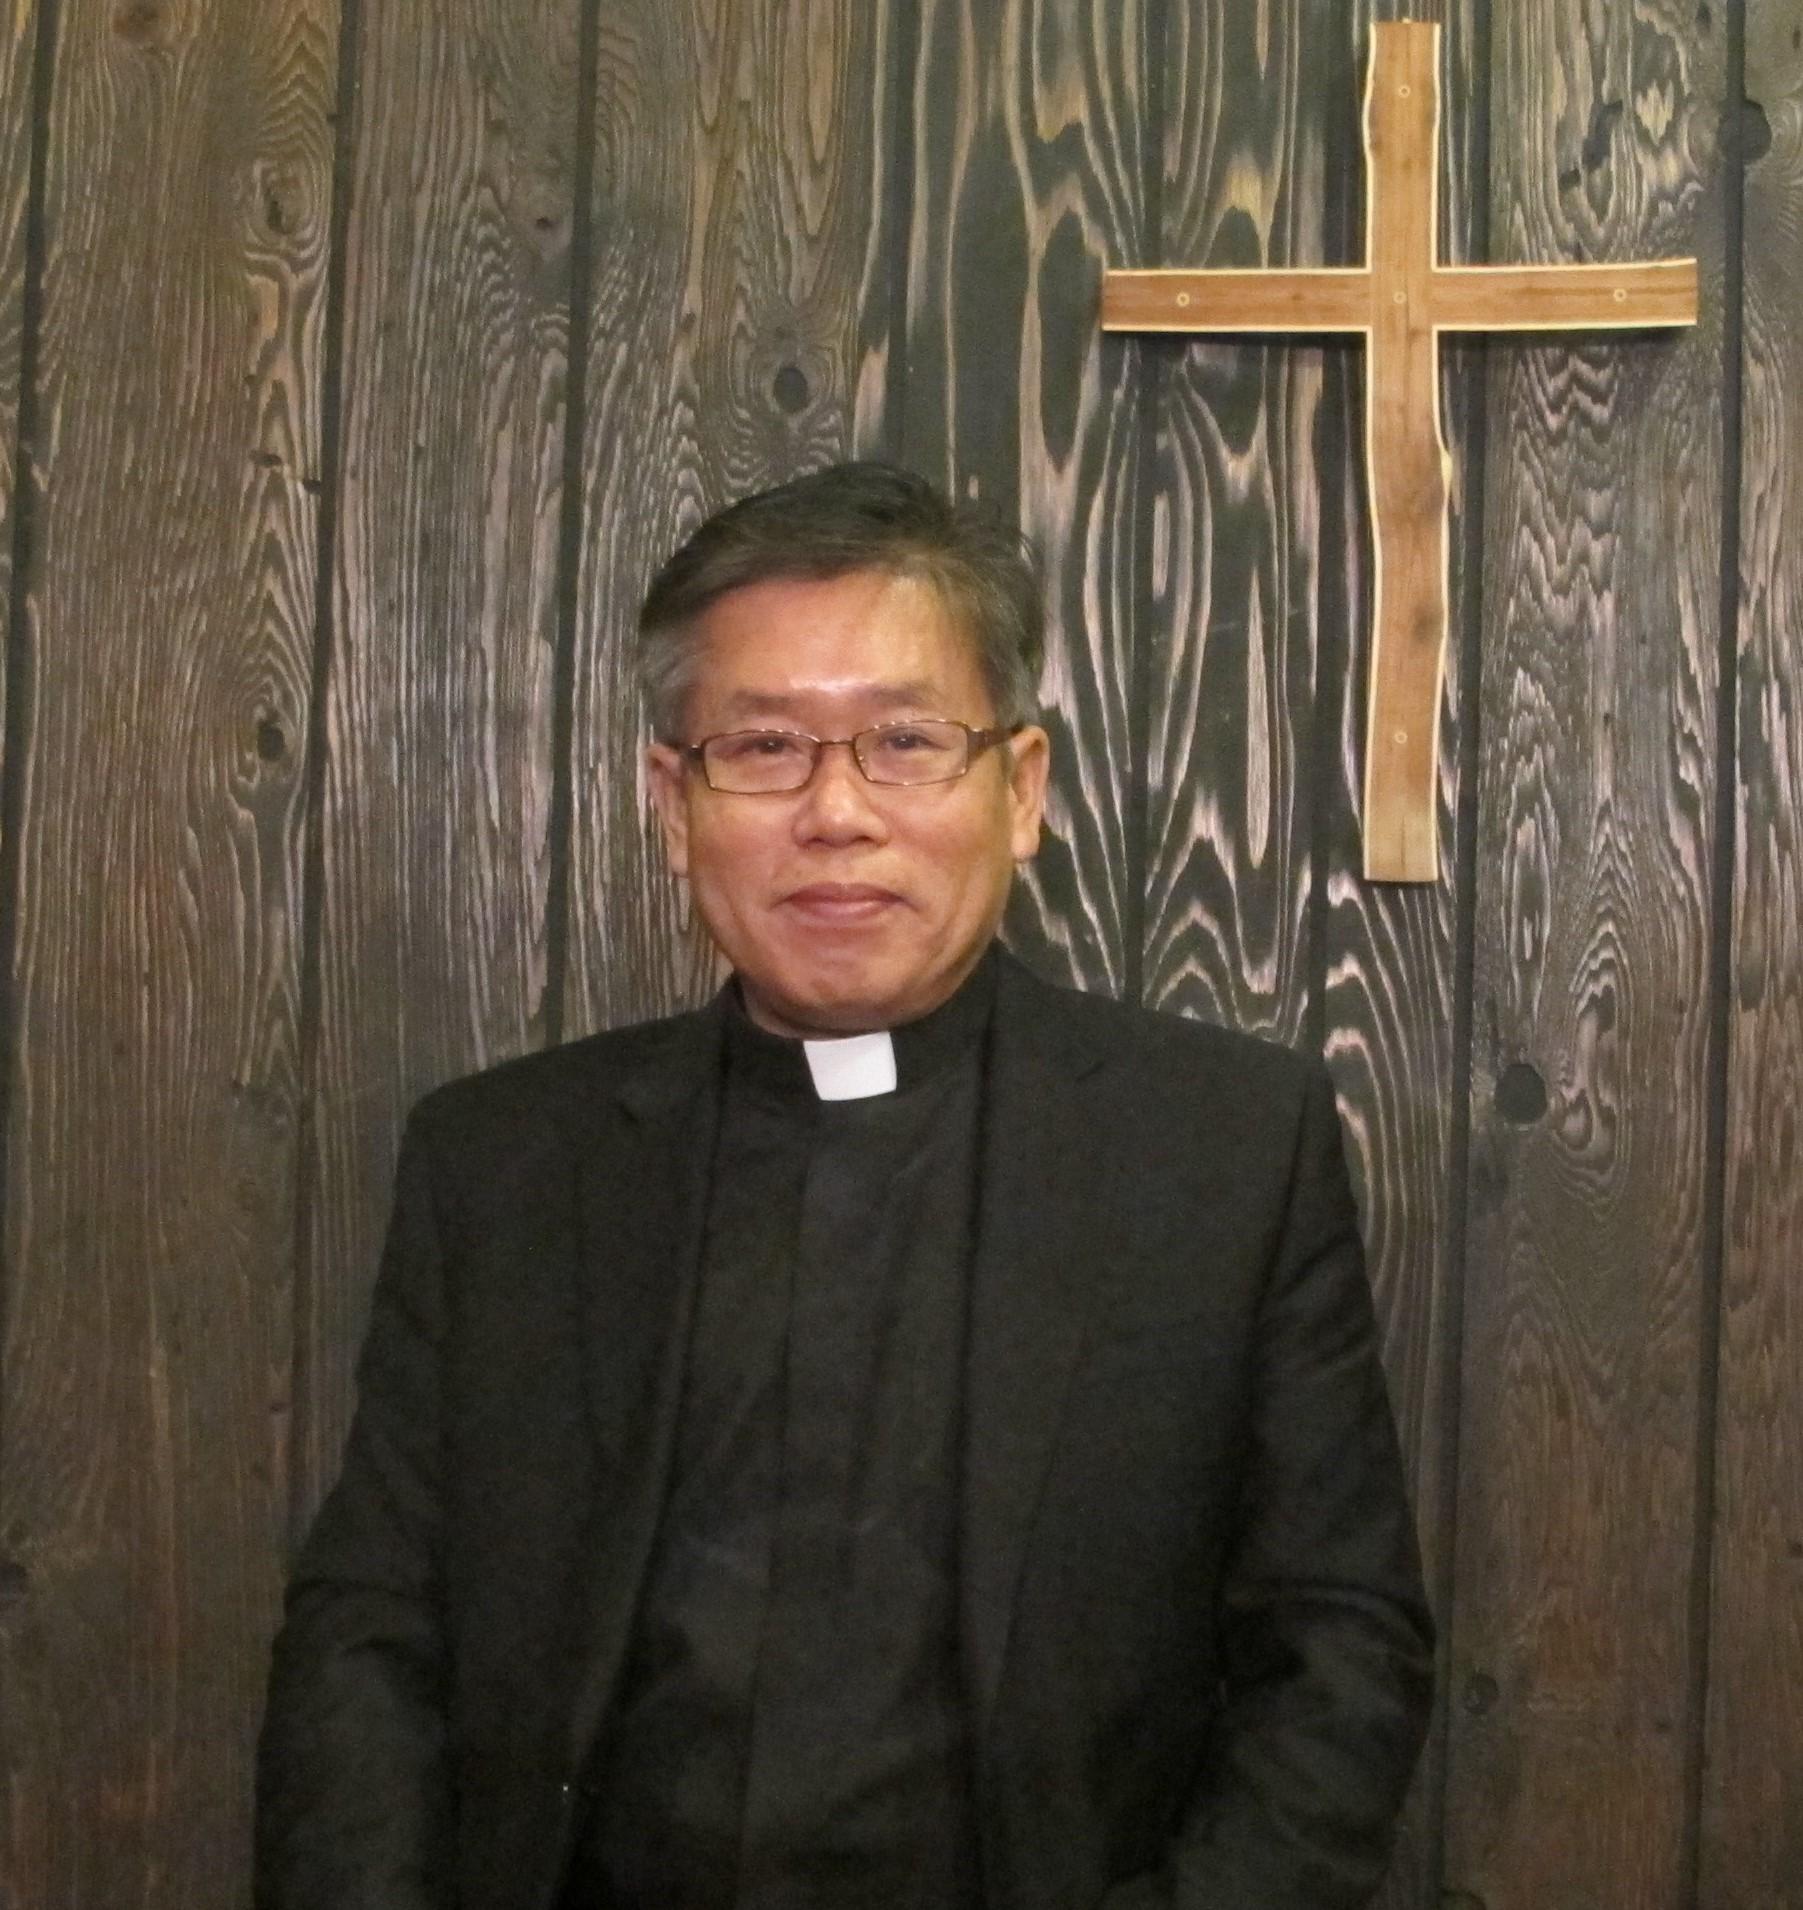 사진 제공, 김선중 목사.